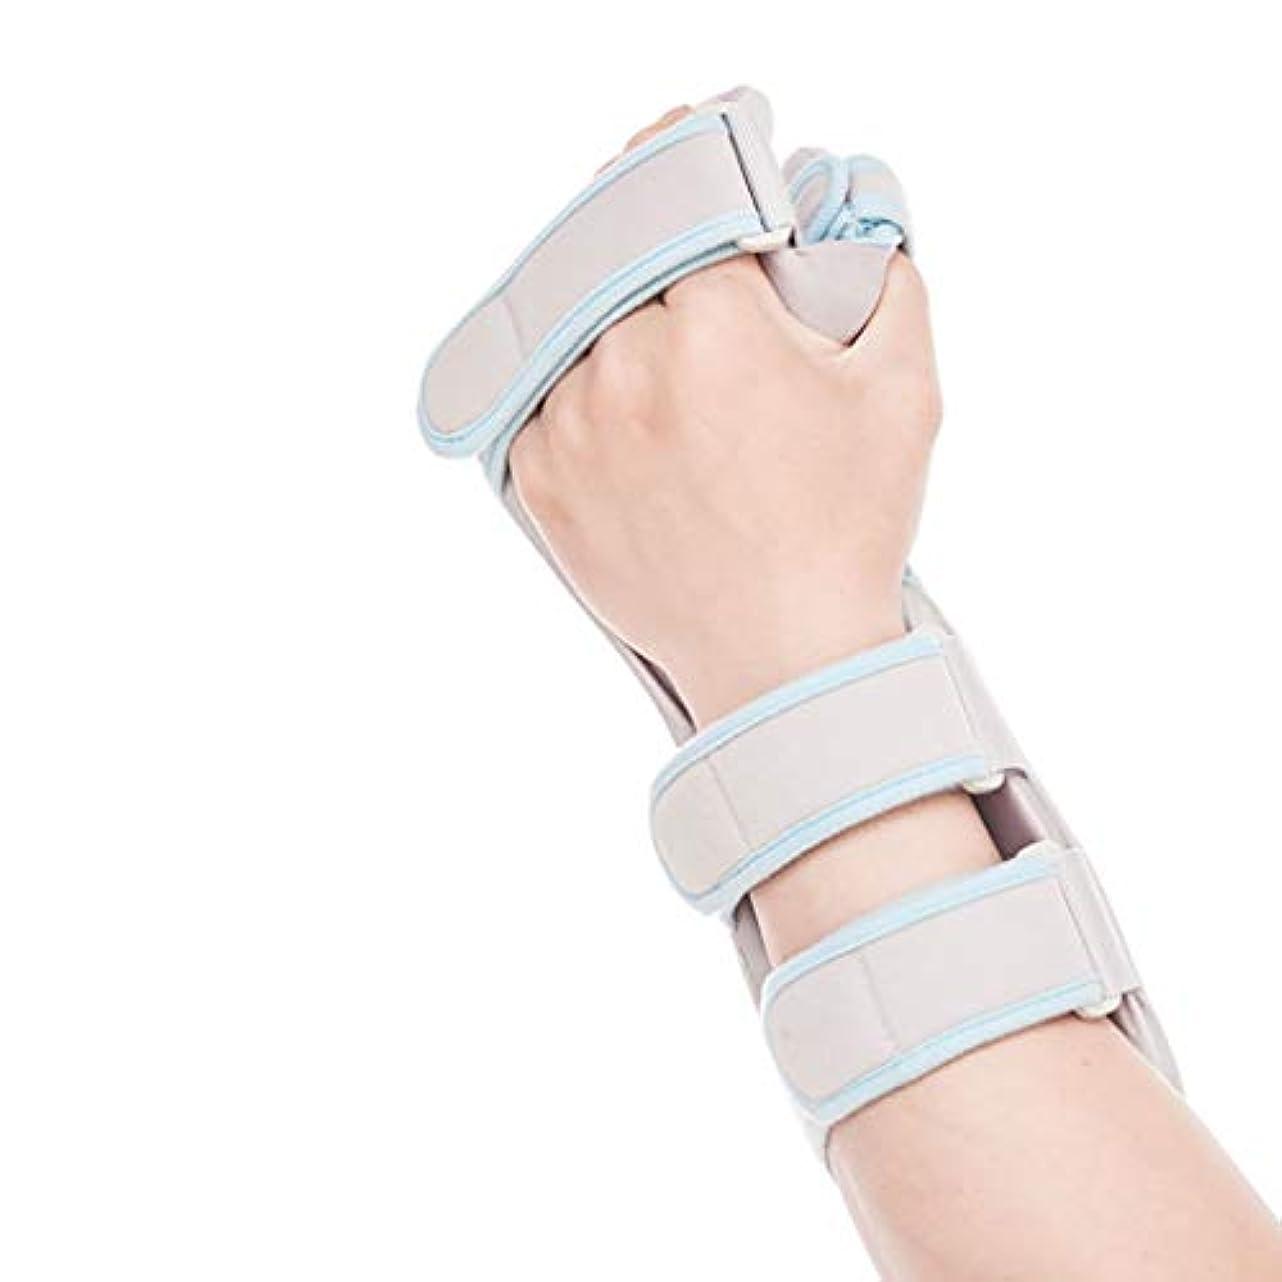 紳士左気絶させる引き金用の指の延長副木指のマレット指の指のナックル固定指の骨折創傷術後のケアと痛みを軽減する指サポートトレーニングブレース,Lefthand